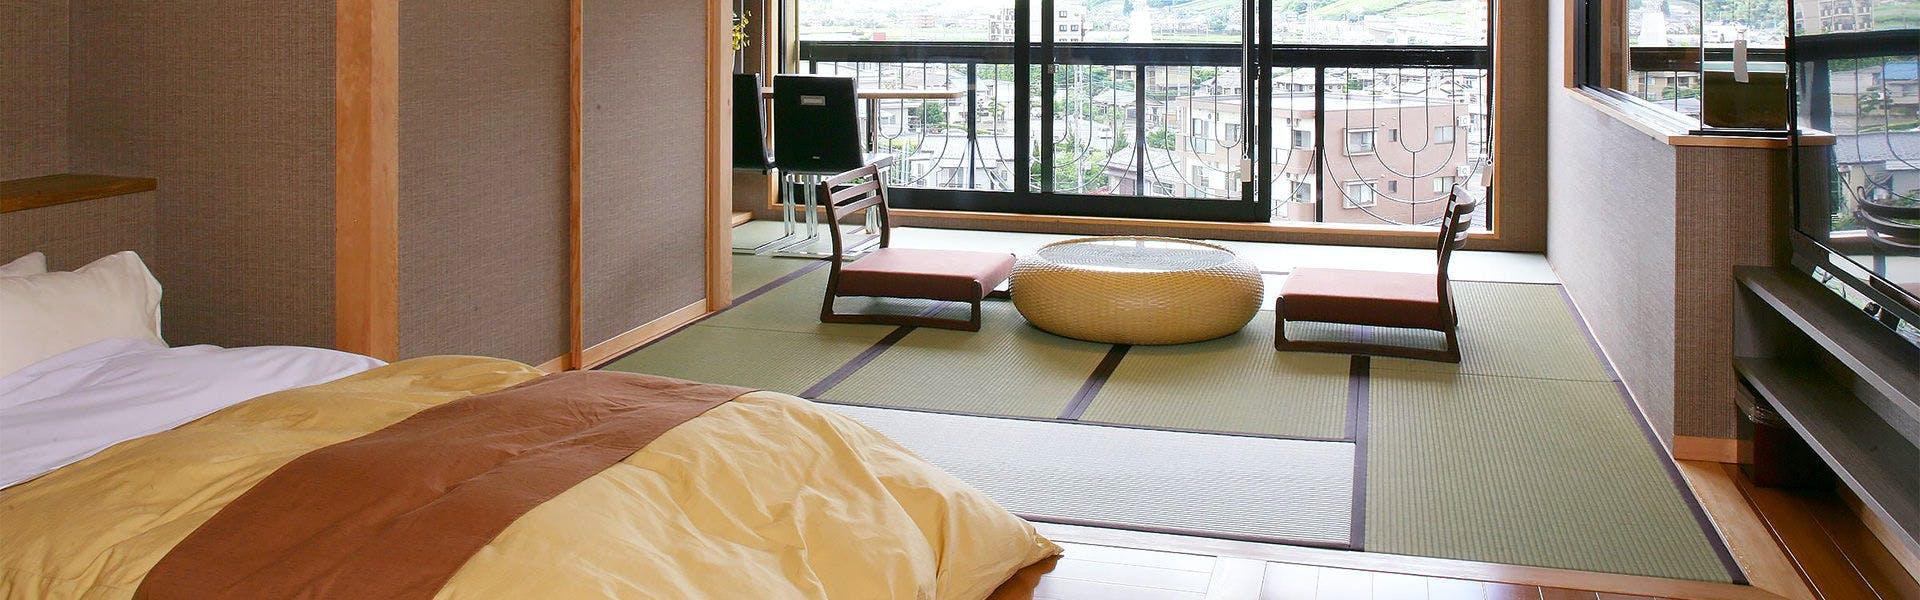 記念日におすすめのホテル・華やぎの章 慶山の写真3